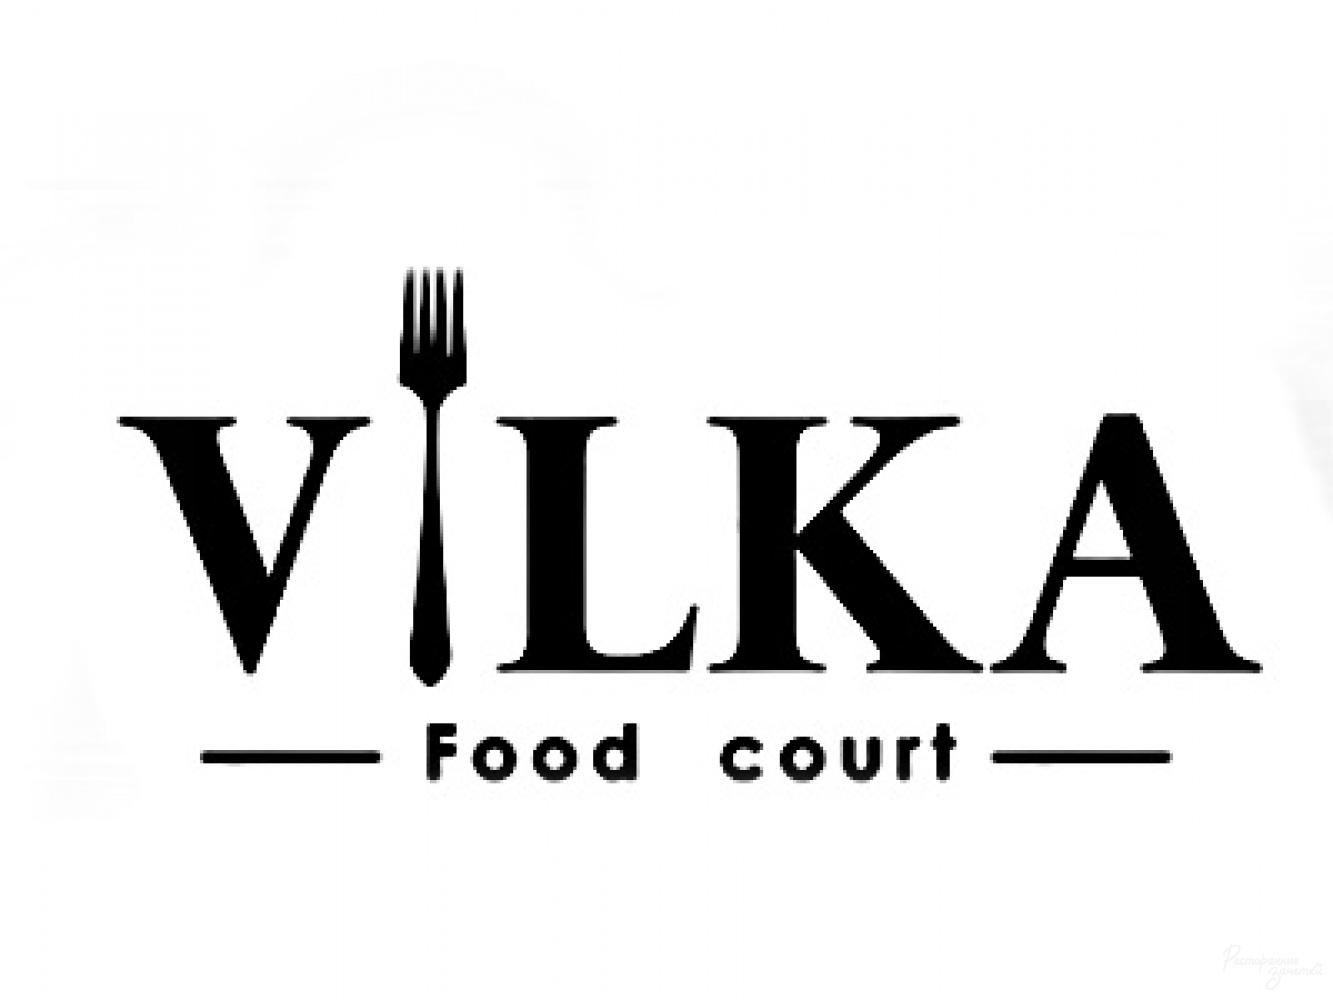 Фастфуд Vilka food court , Харьков